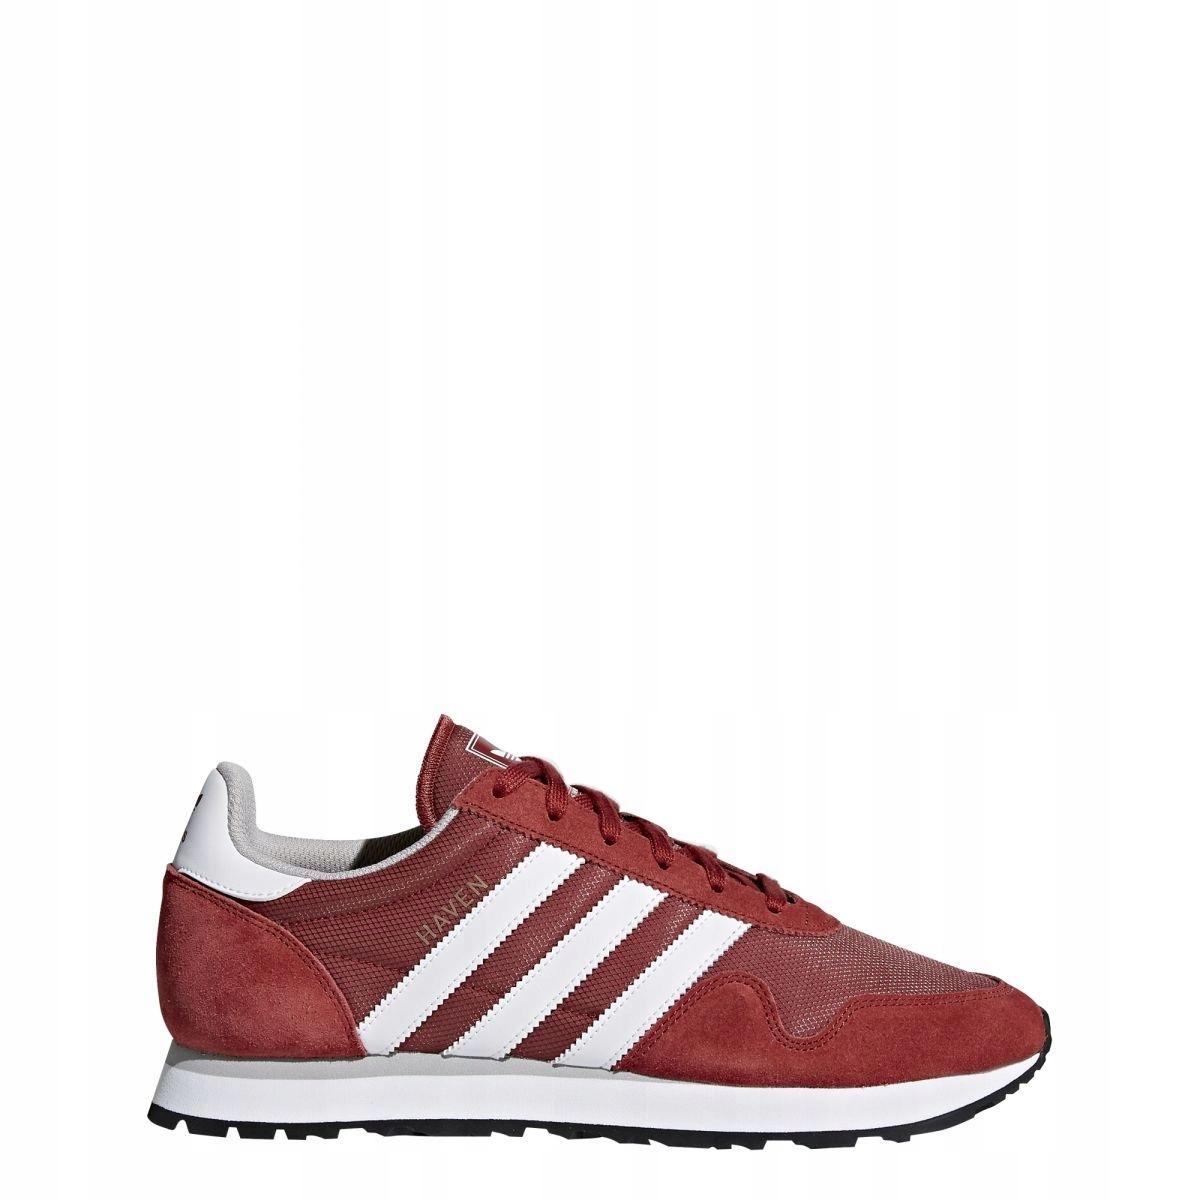 Buty męskie adidas HAVEN BY9714 | Biały, odcienie czerwieni